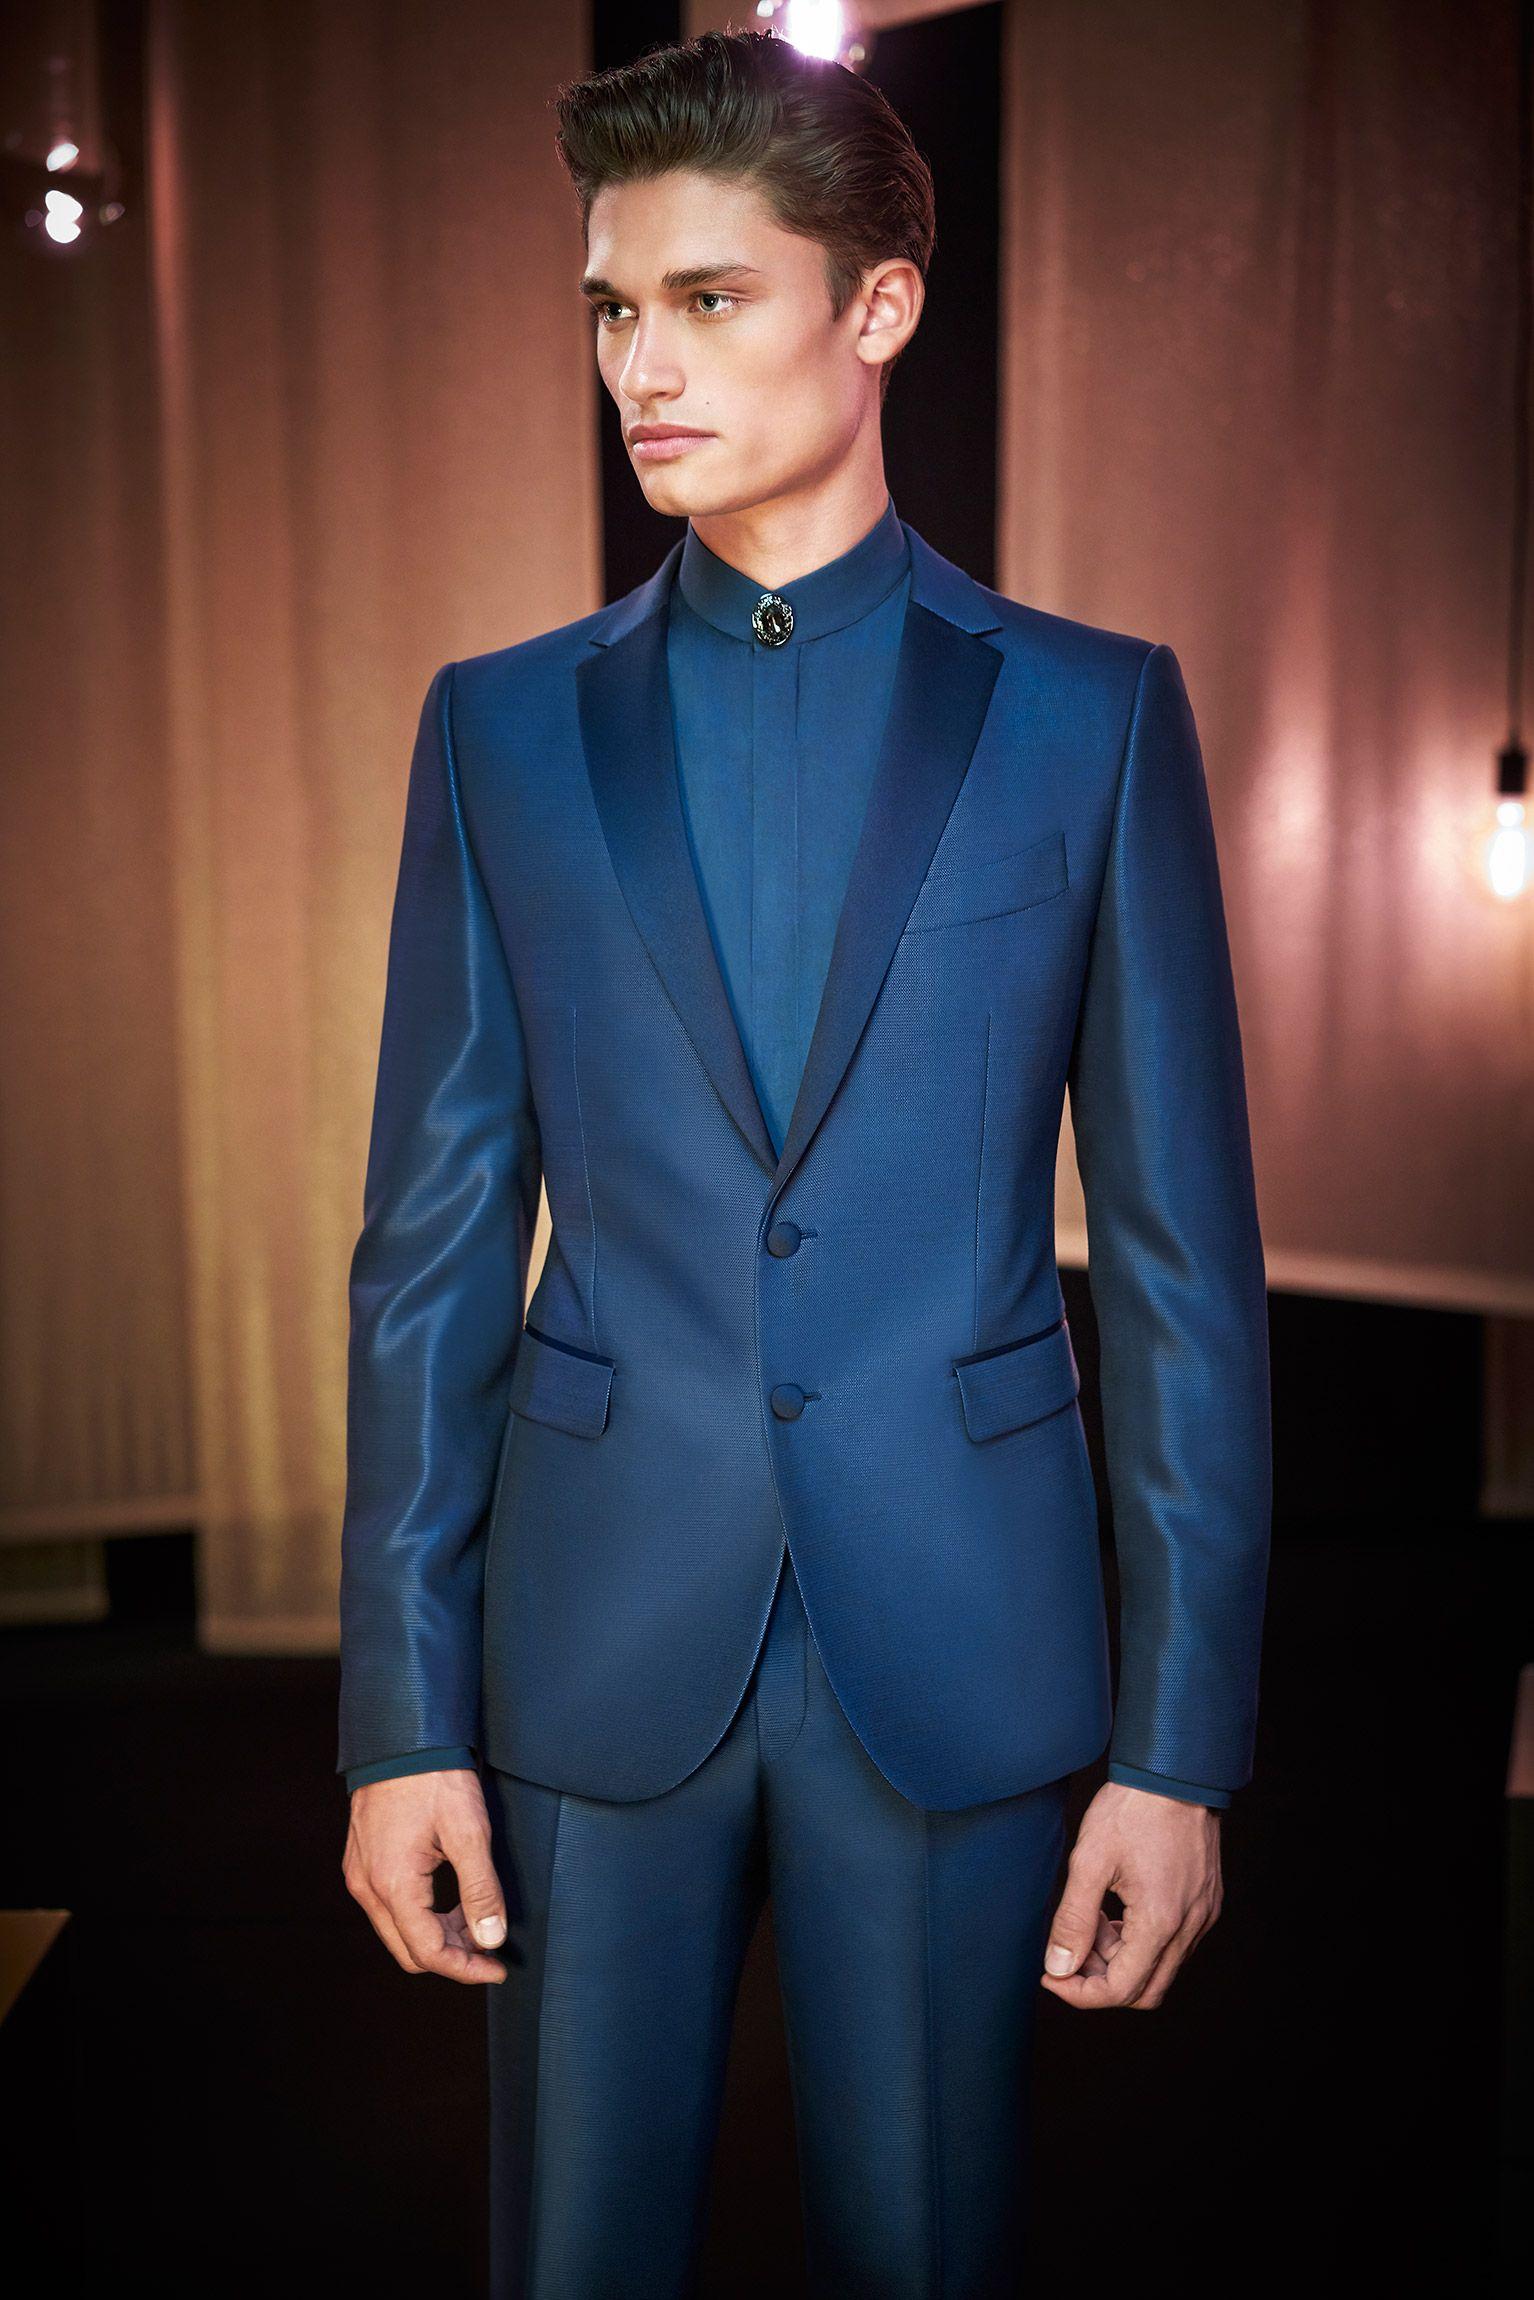 abiti da sposo & abiti da sposa in 2020 | Tuxedo for men